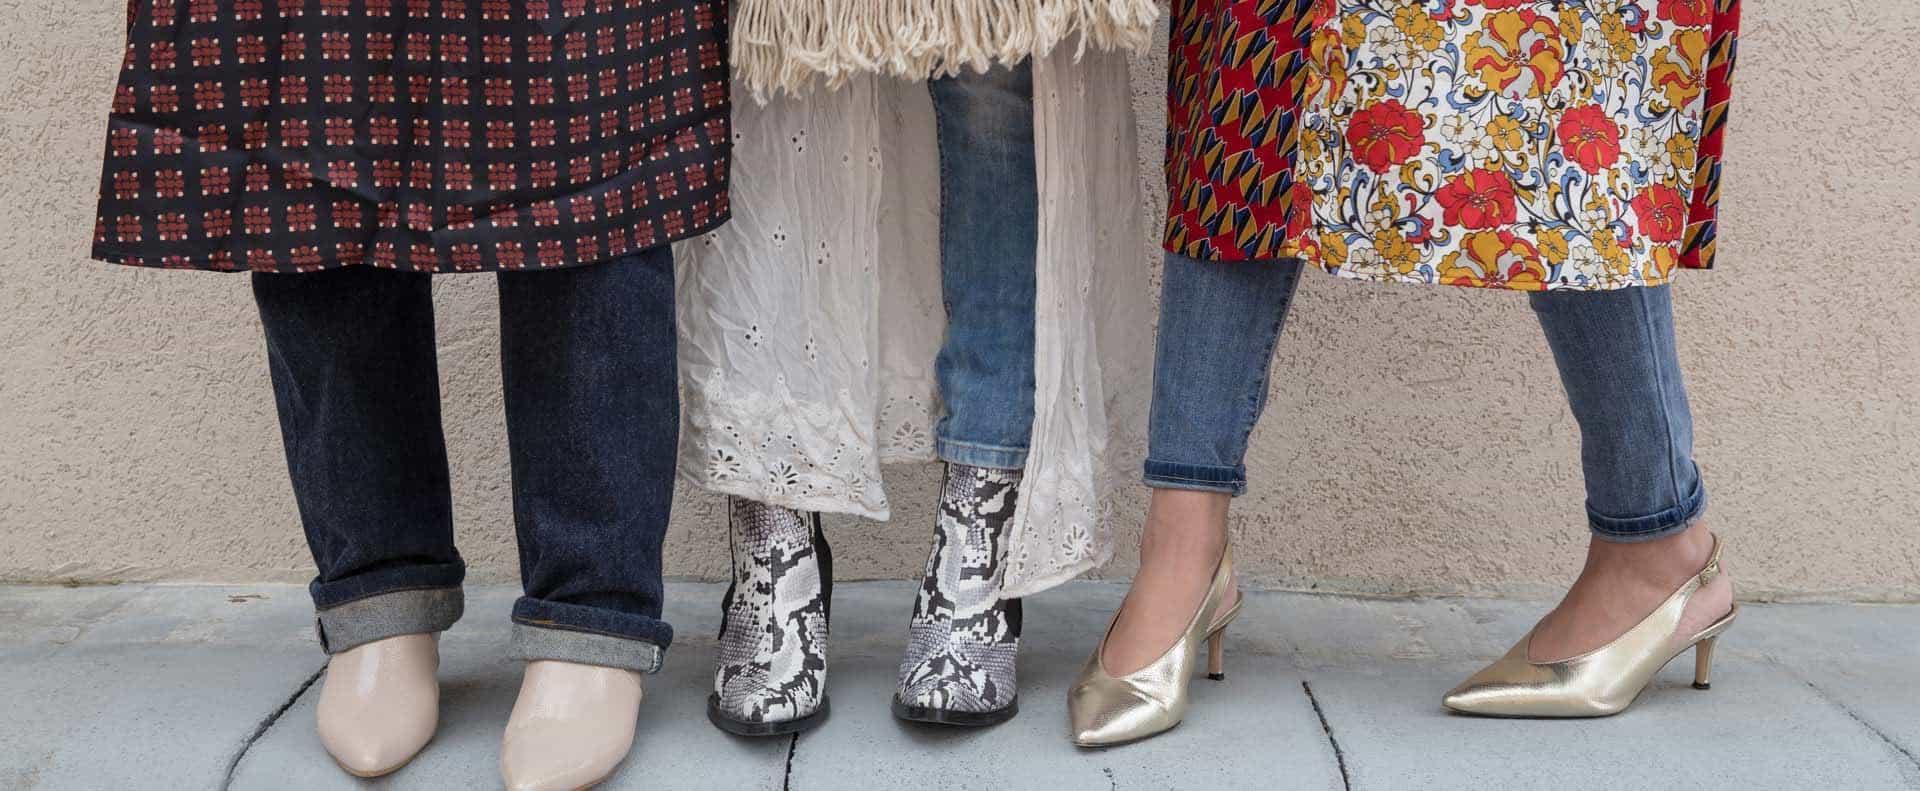 """ג׳ינס במגזר החרדי. צילום: אורית יאשקין """"סטודיו במיה""""-1"""